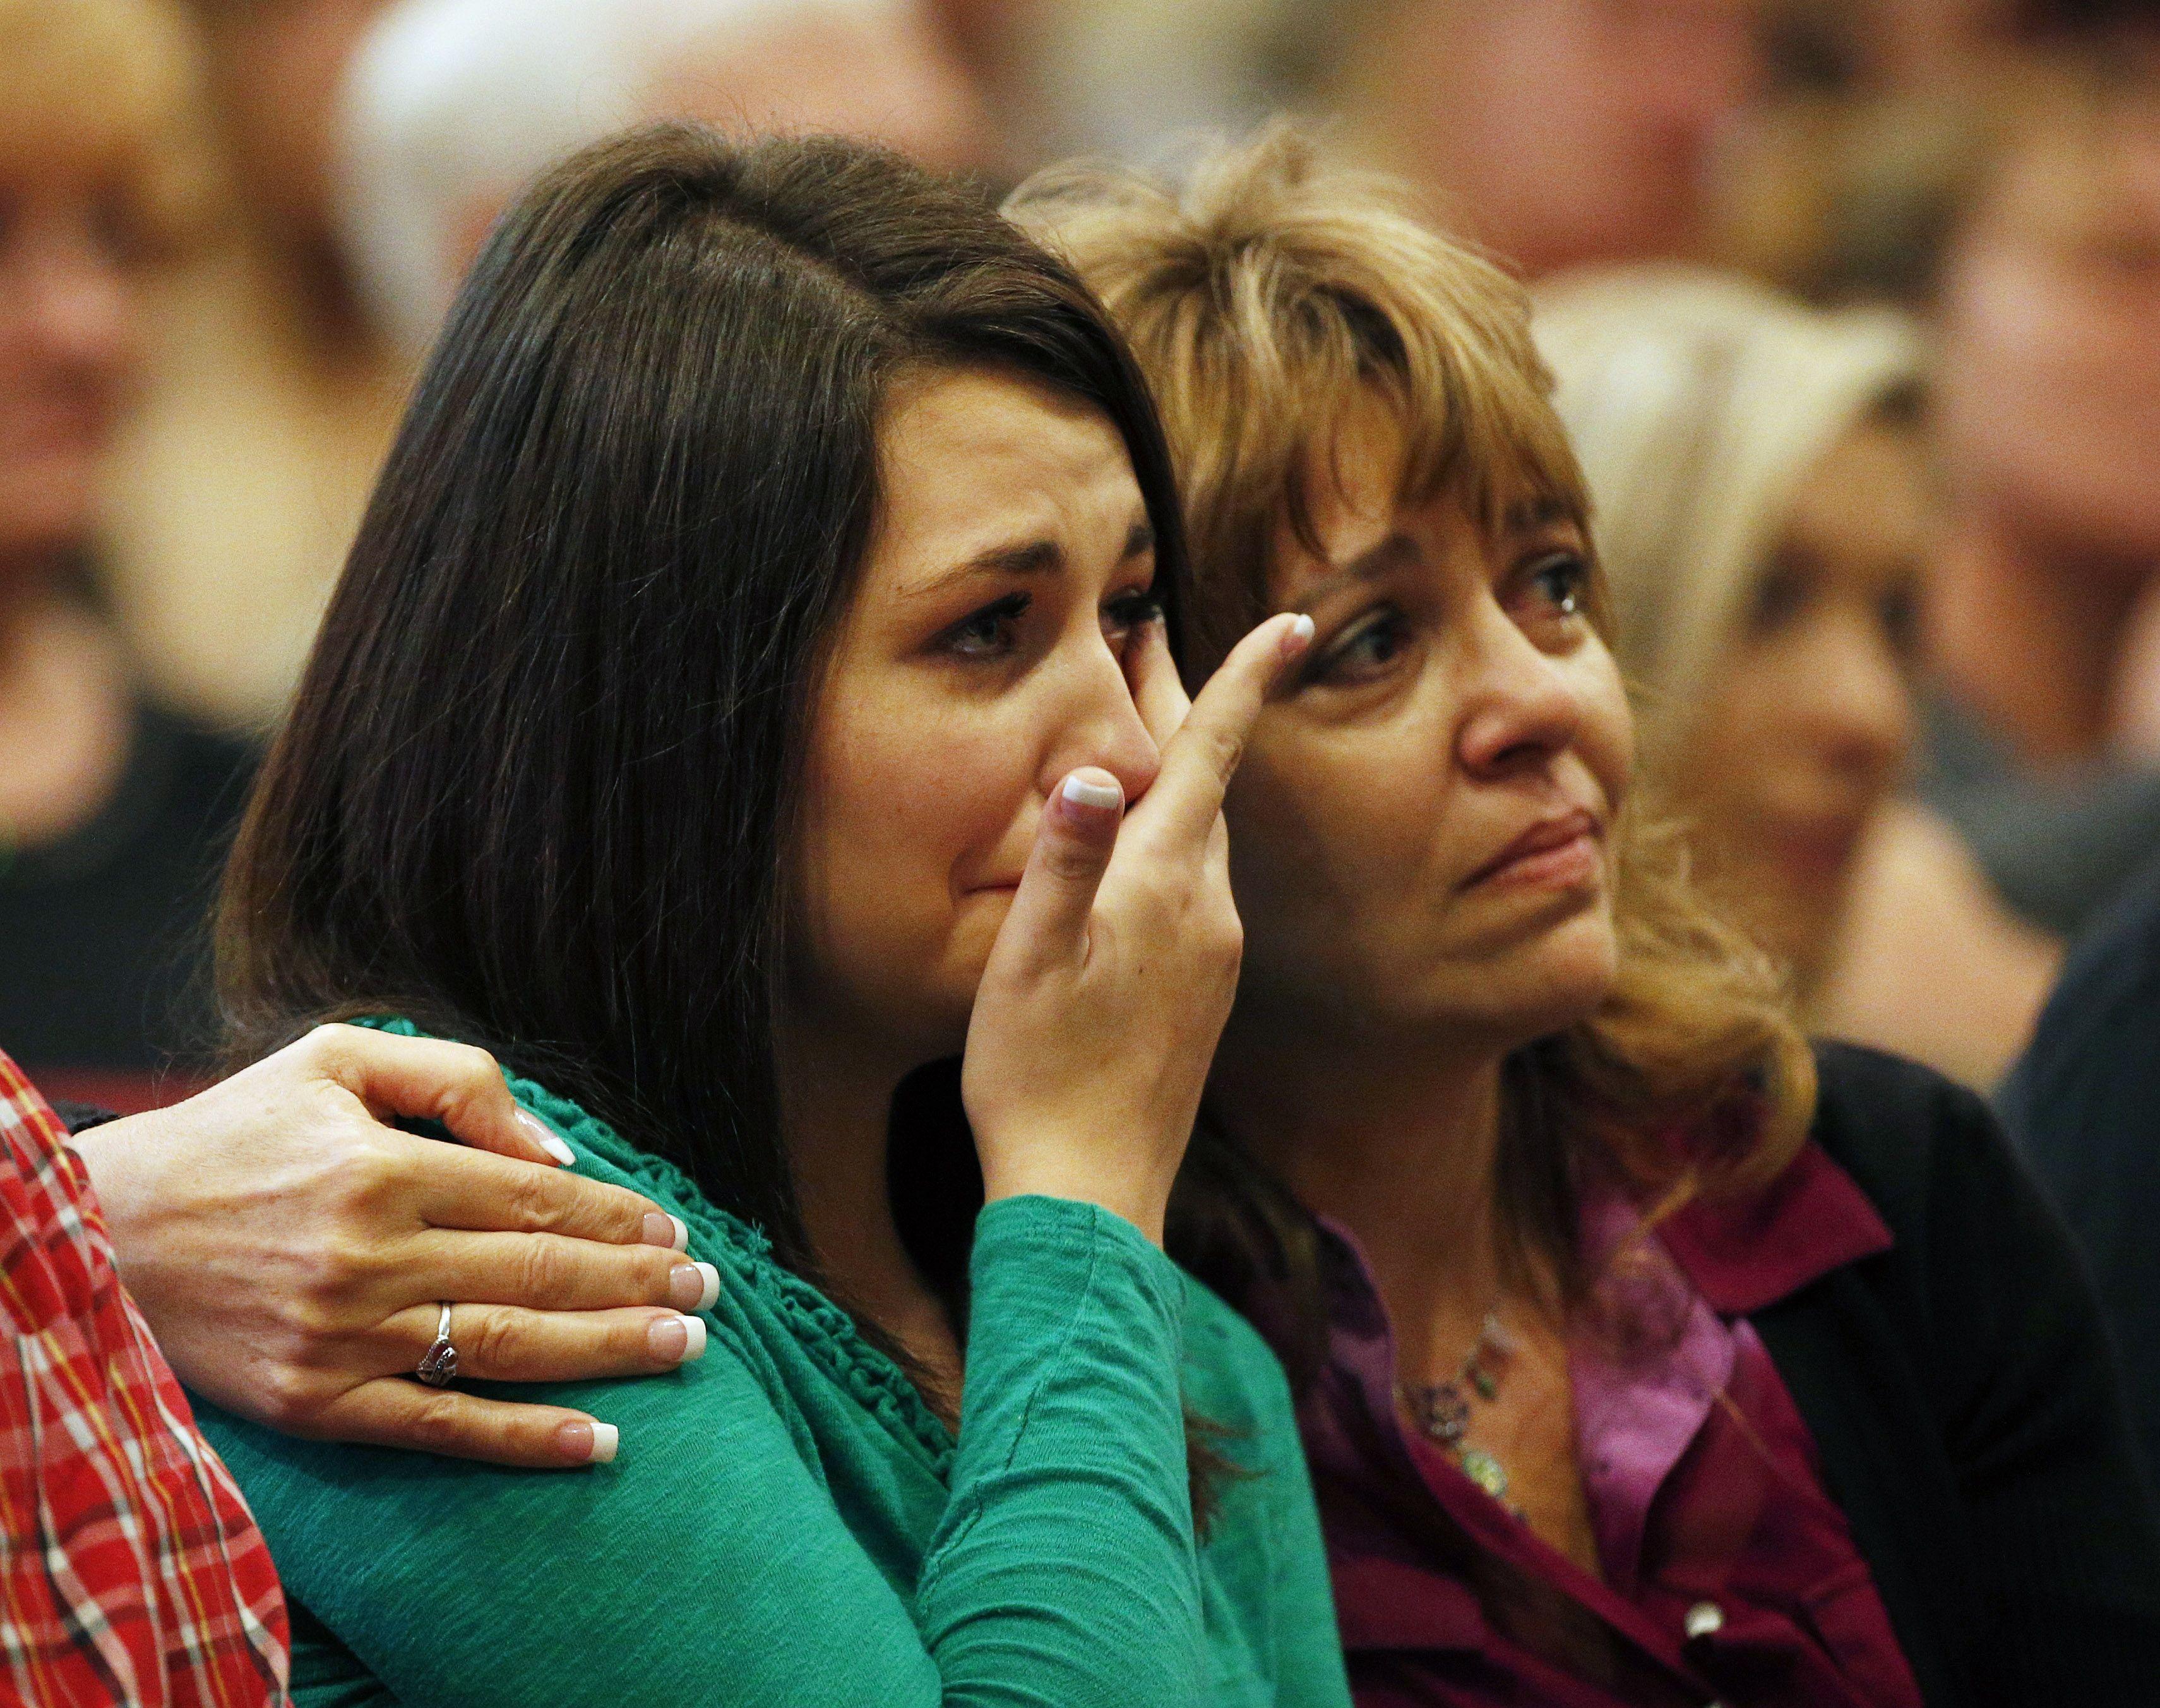 duelo. Ayer la pequeña comunidad de Roseburg lloró a sus muertos.